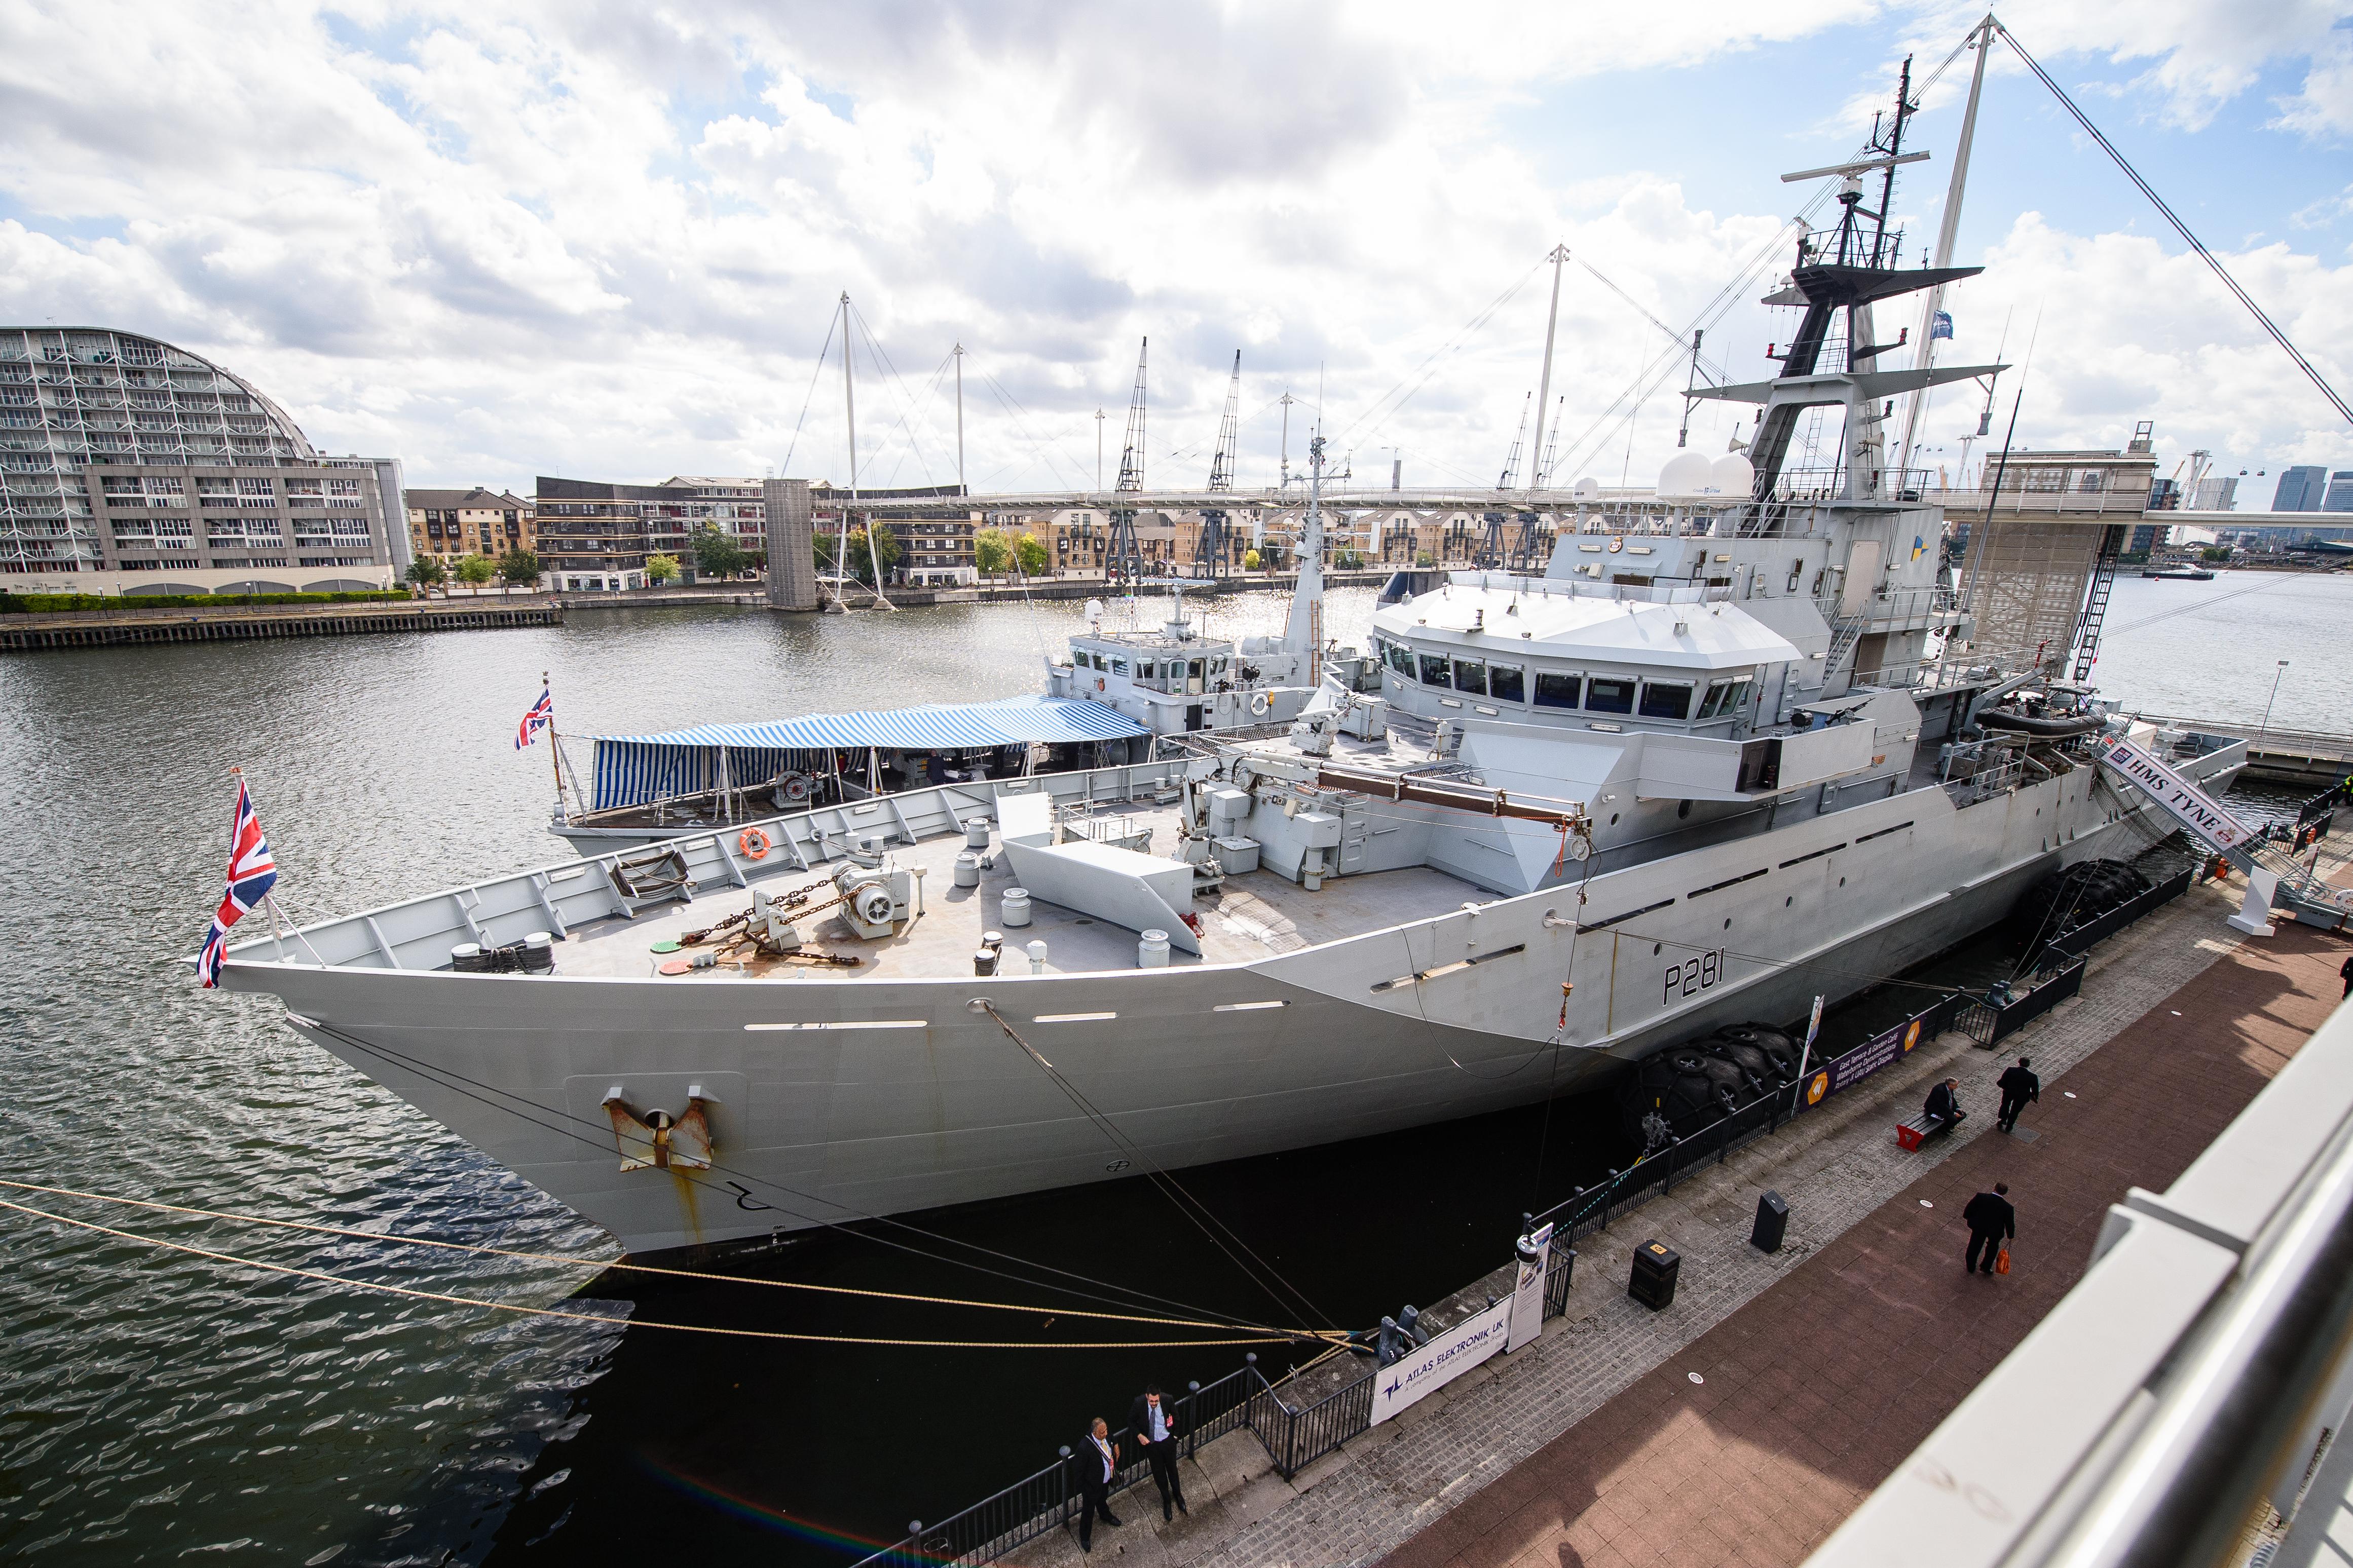 Négy hadihajó védi majd a brit halászterületeket, ha nem lesz megállapodás a brexit-tárgyalásokon